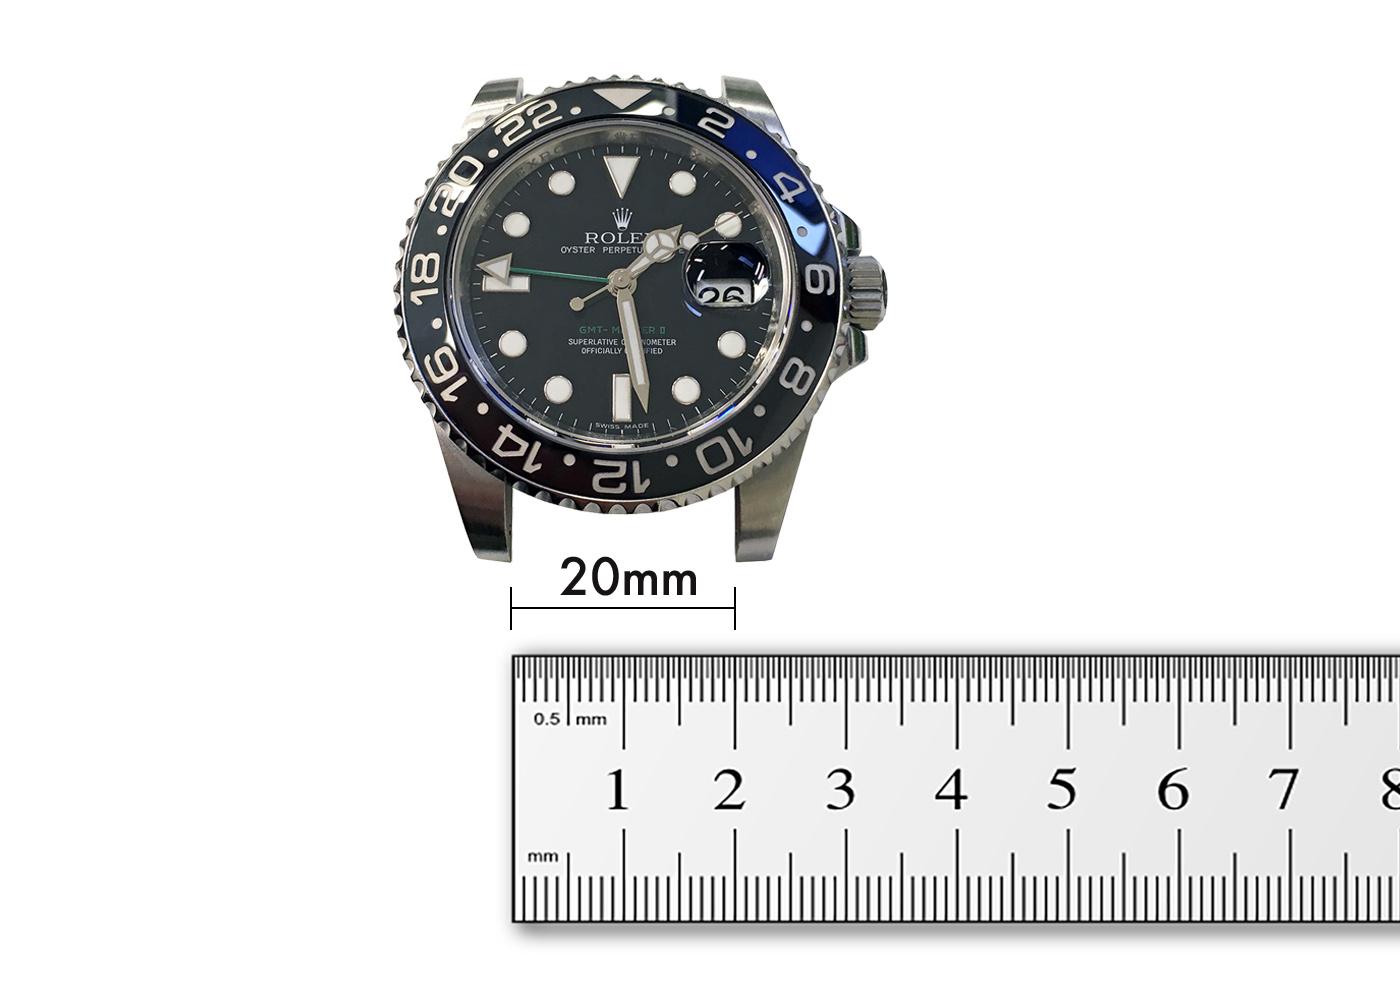 Rolex GMT Master II lug width 20mm